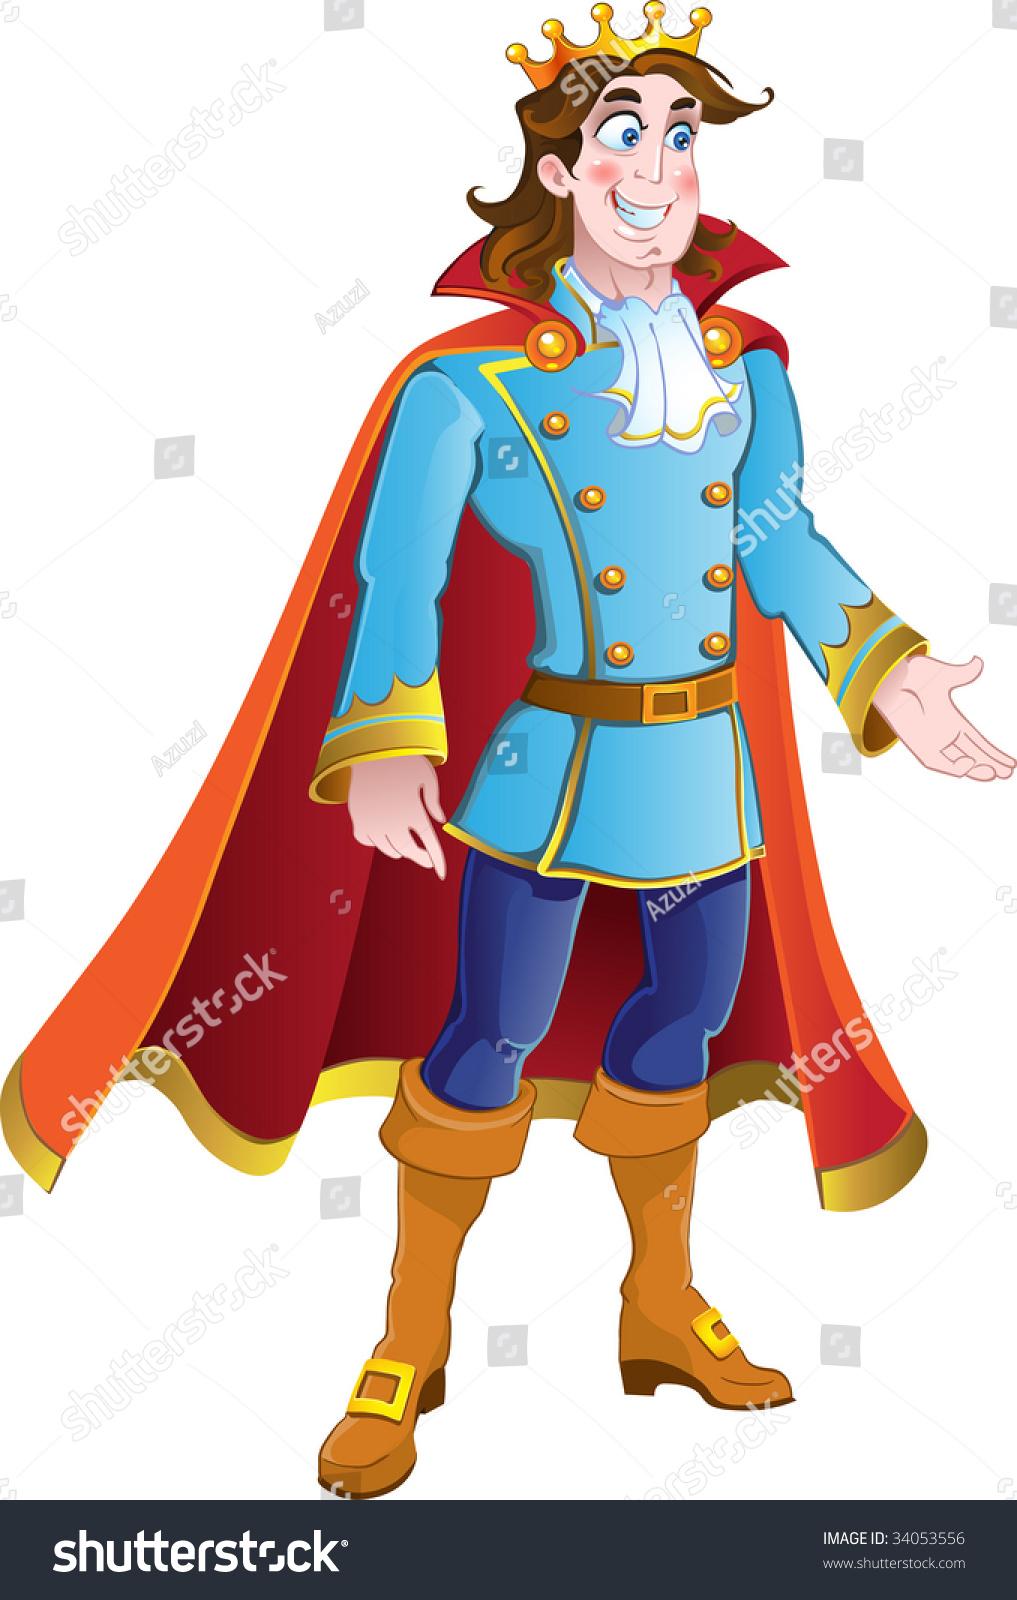 Vector Brunette Prince Charming - 34053556 : Shutterstock